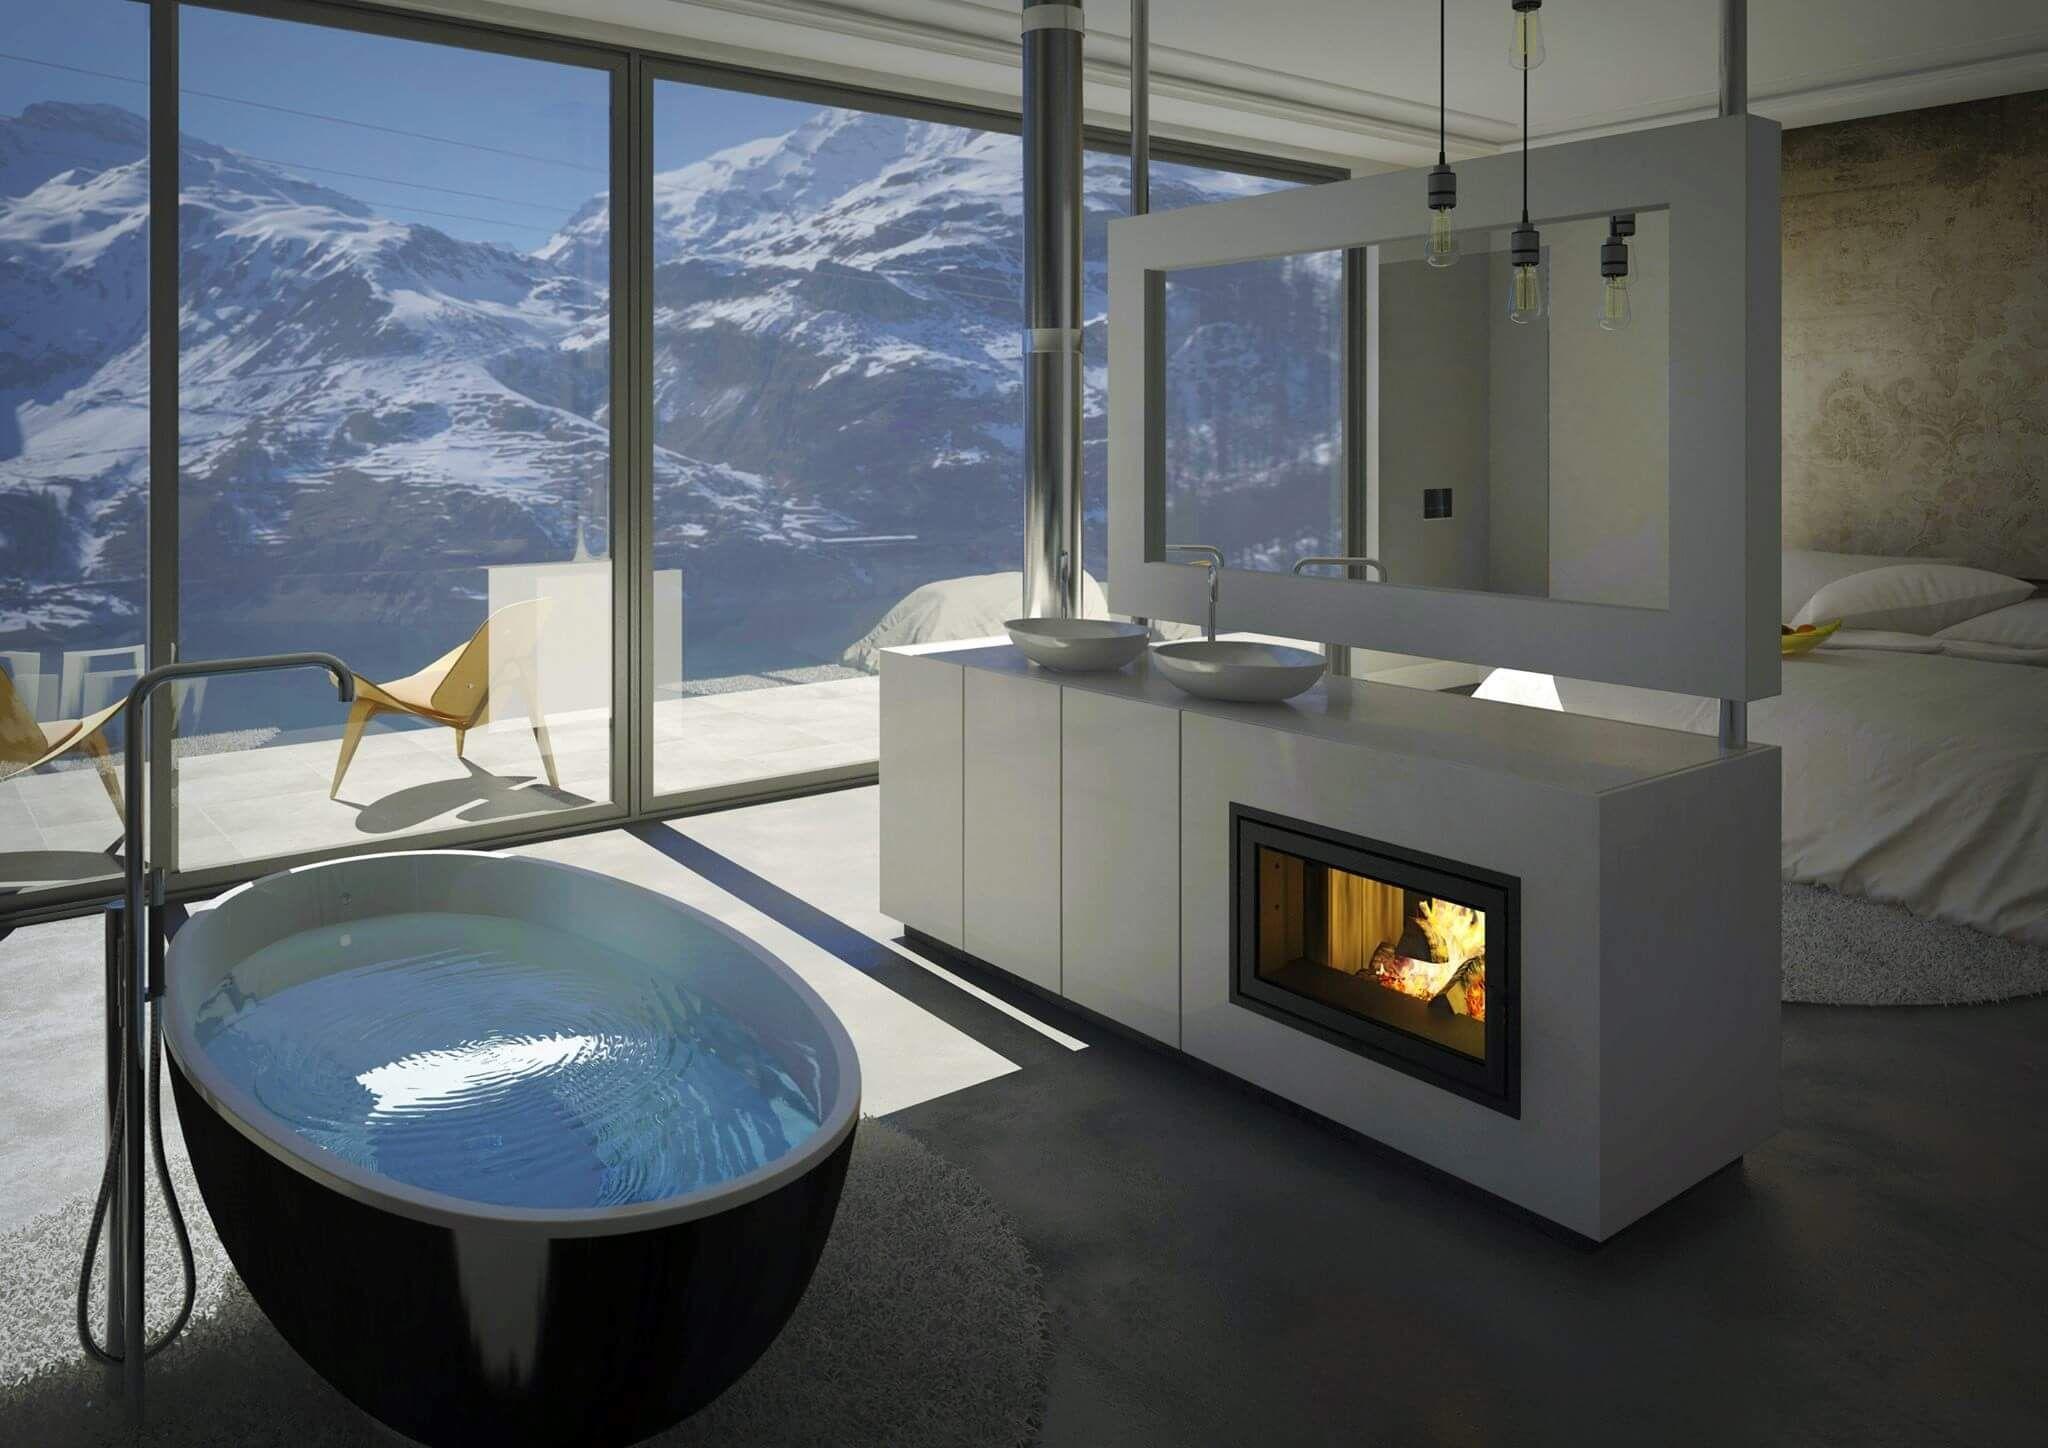 Bildergebnis für badewanne im schlafzimmer | Bad | Pinterest ...